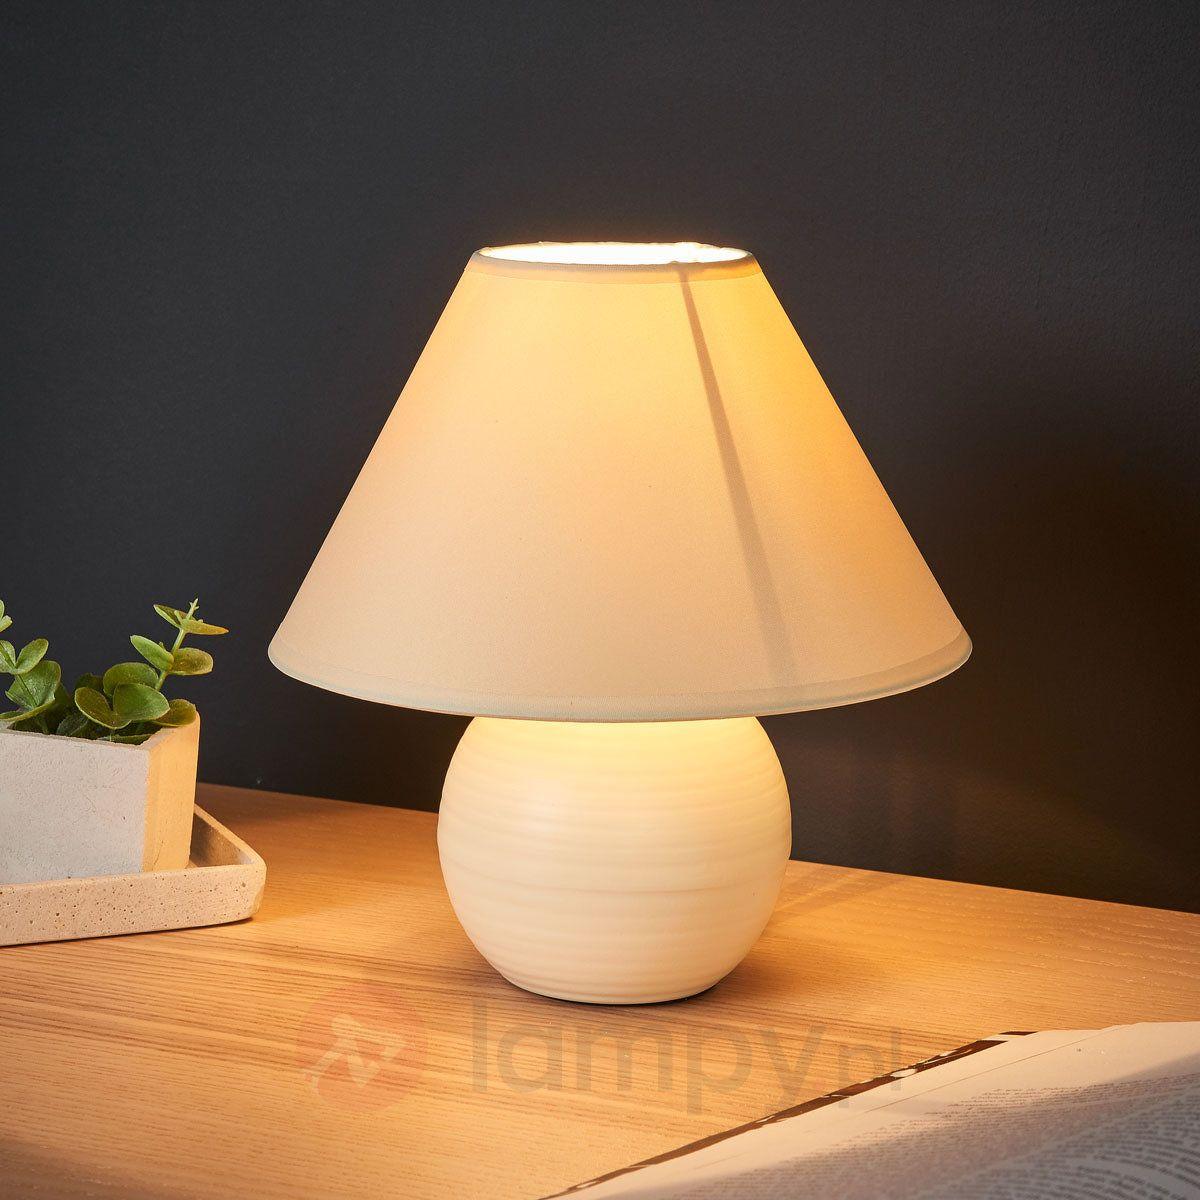 Kaddy Lampa Stołowa Z Ceramiczną Podstawą